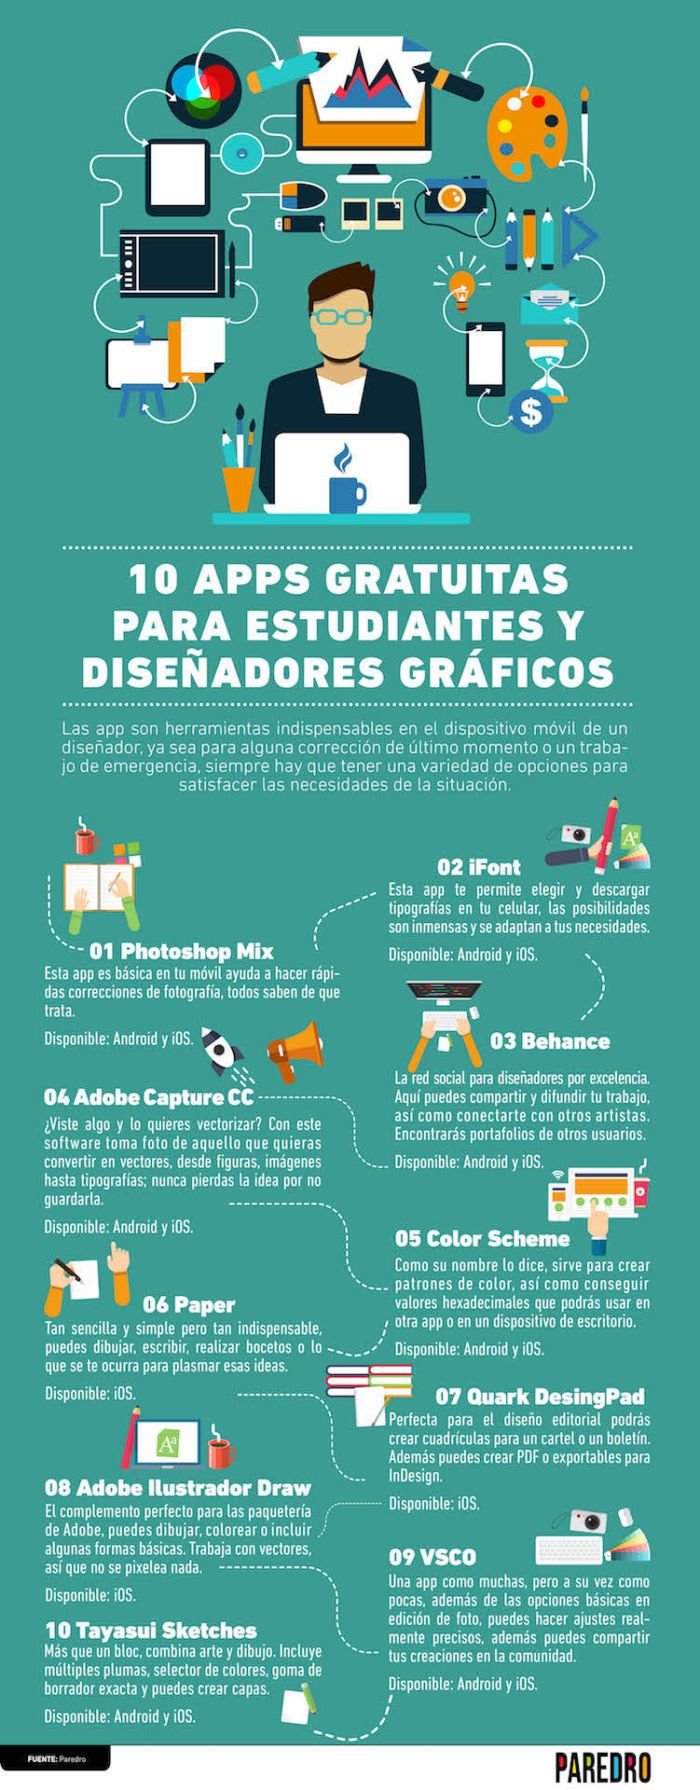 10 aplicaciones gratuitas para estudiantes y diseñadores